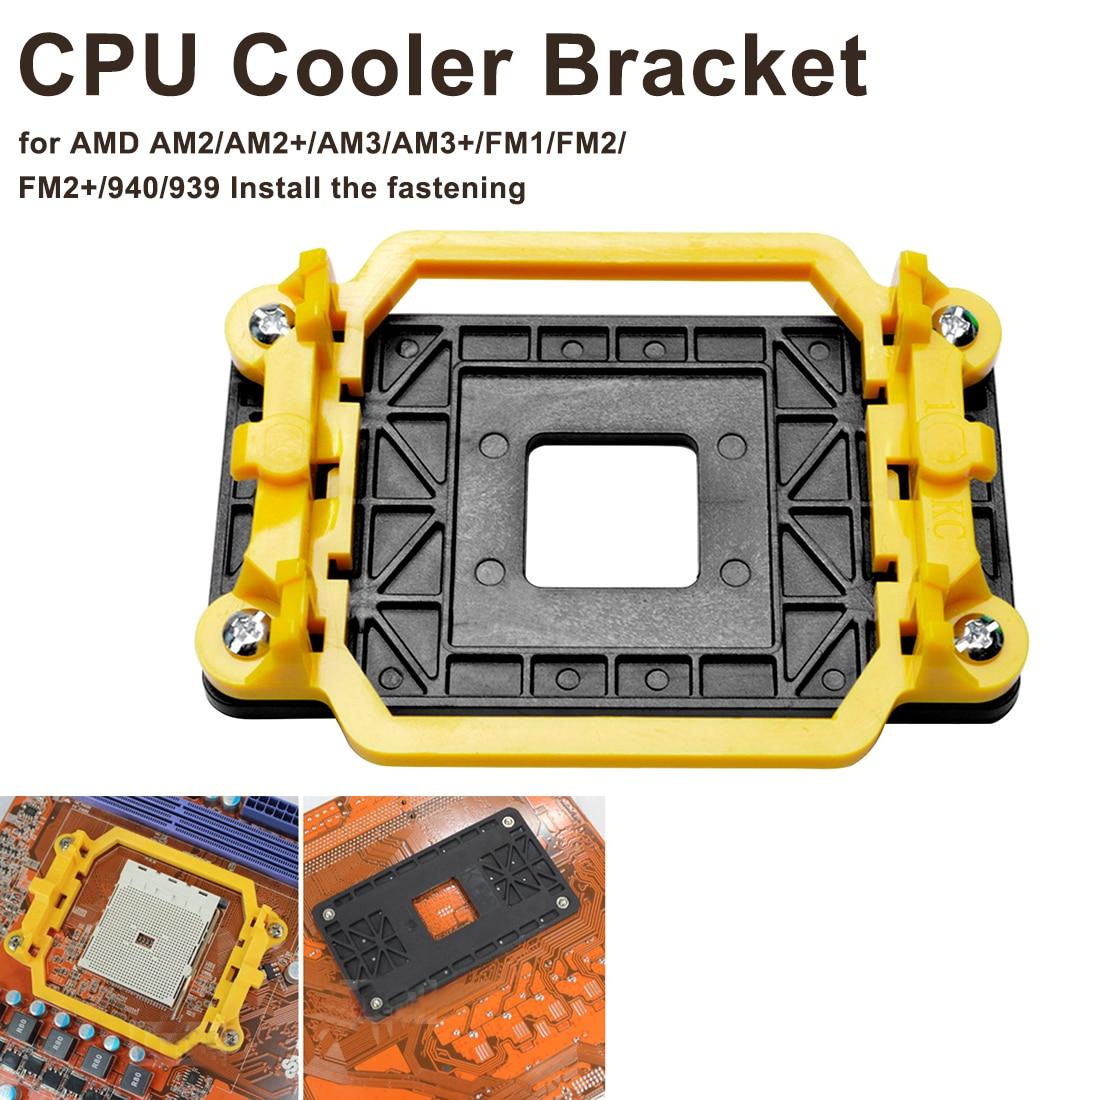 CPU Cooler Bracket Screw Cooling Fans Heatsink Holder PC Desktop For AMD AM2/AM2+/AM3/AM3+/FM1/FM2/FM2+940 Install The Fastening